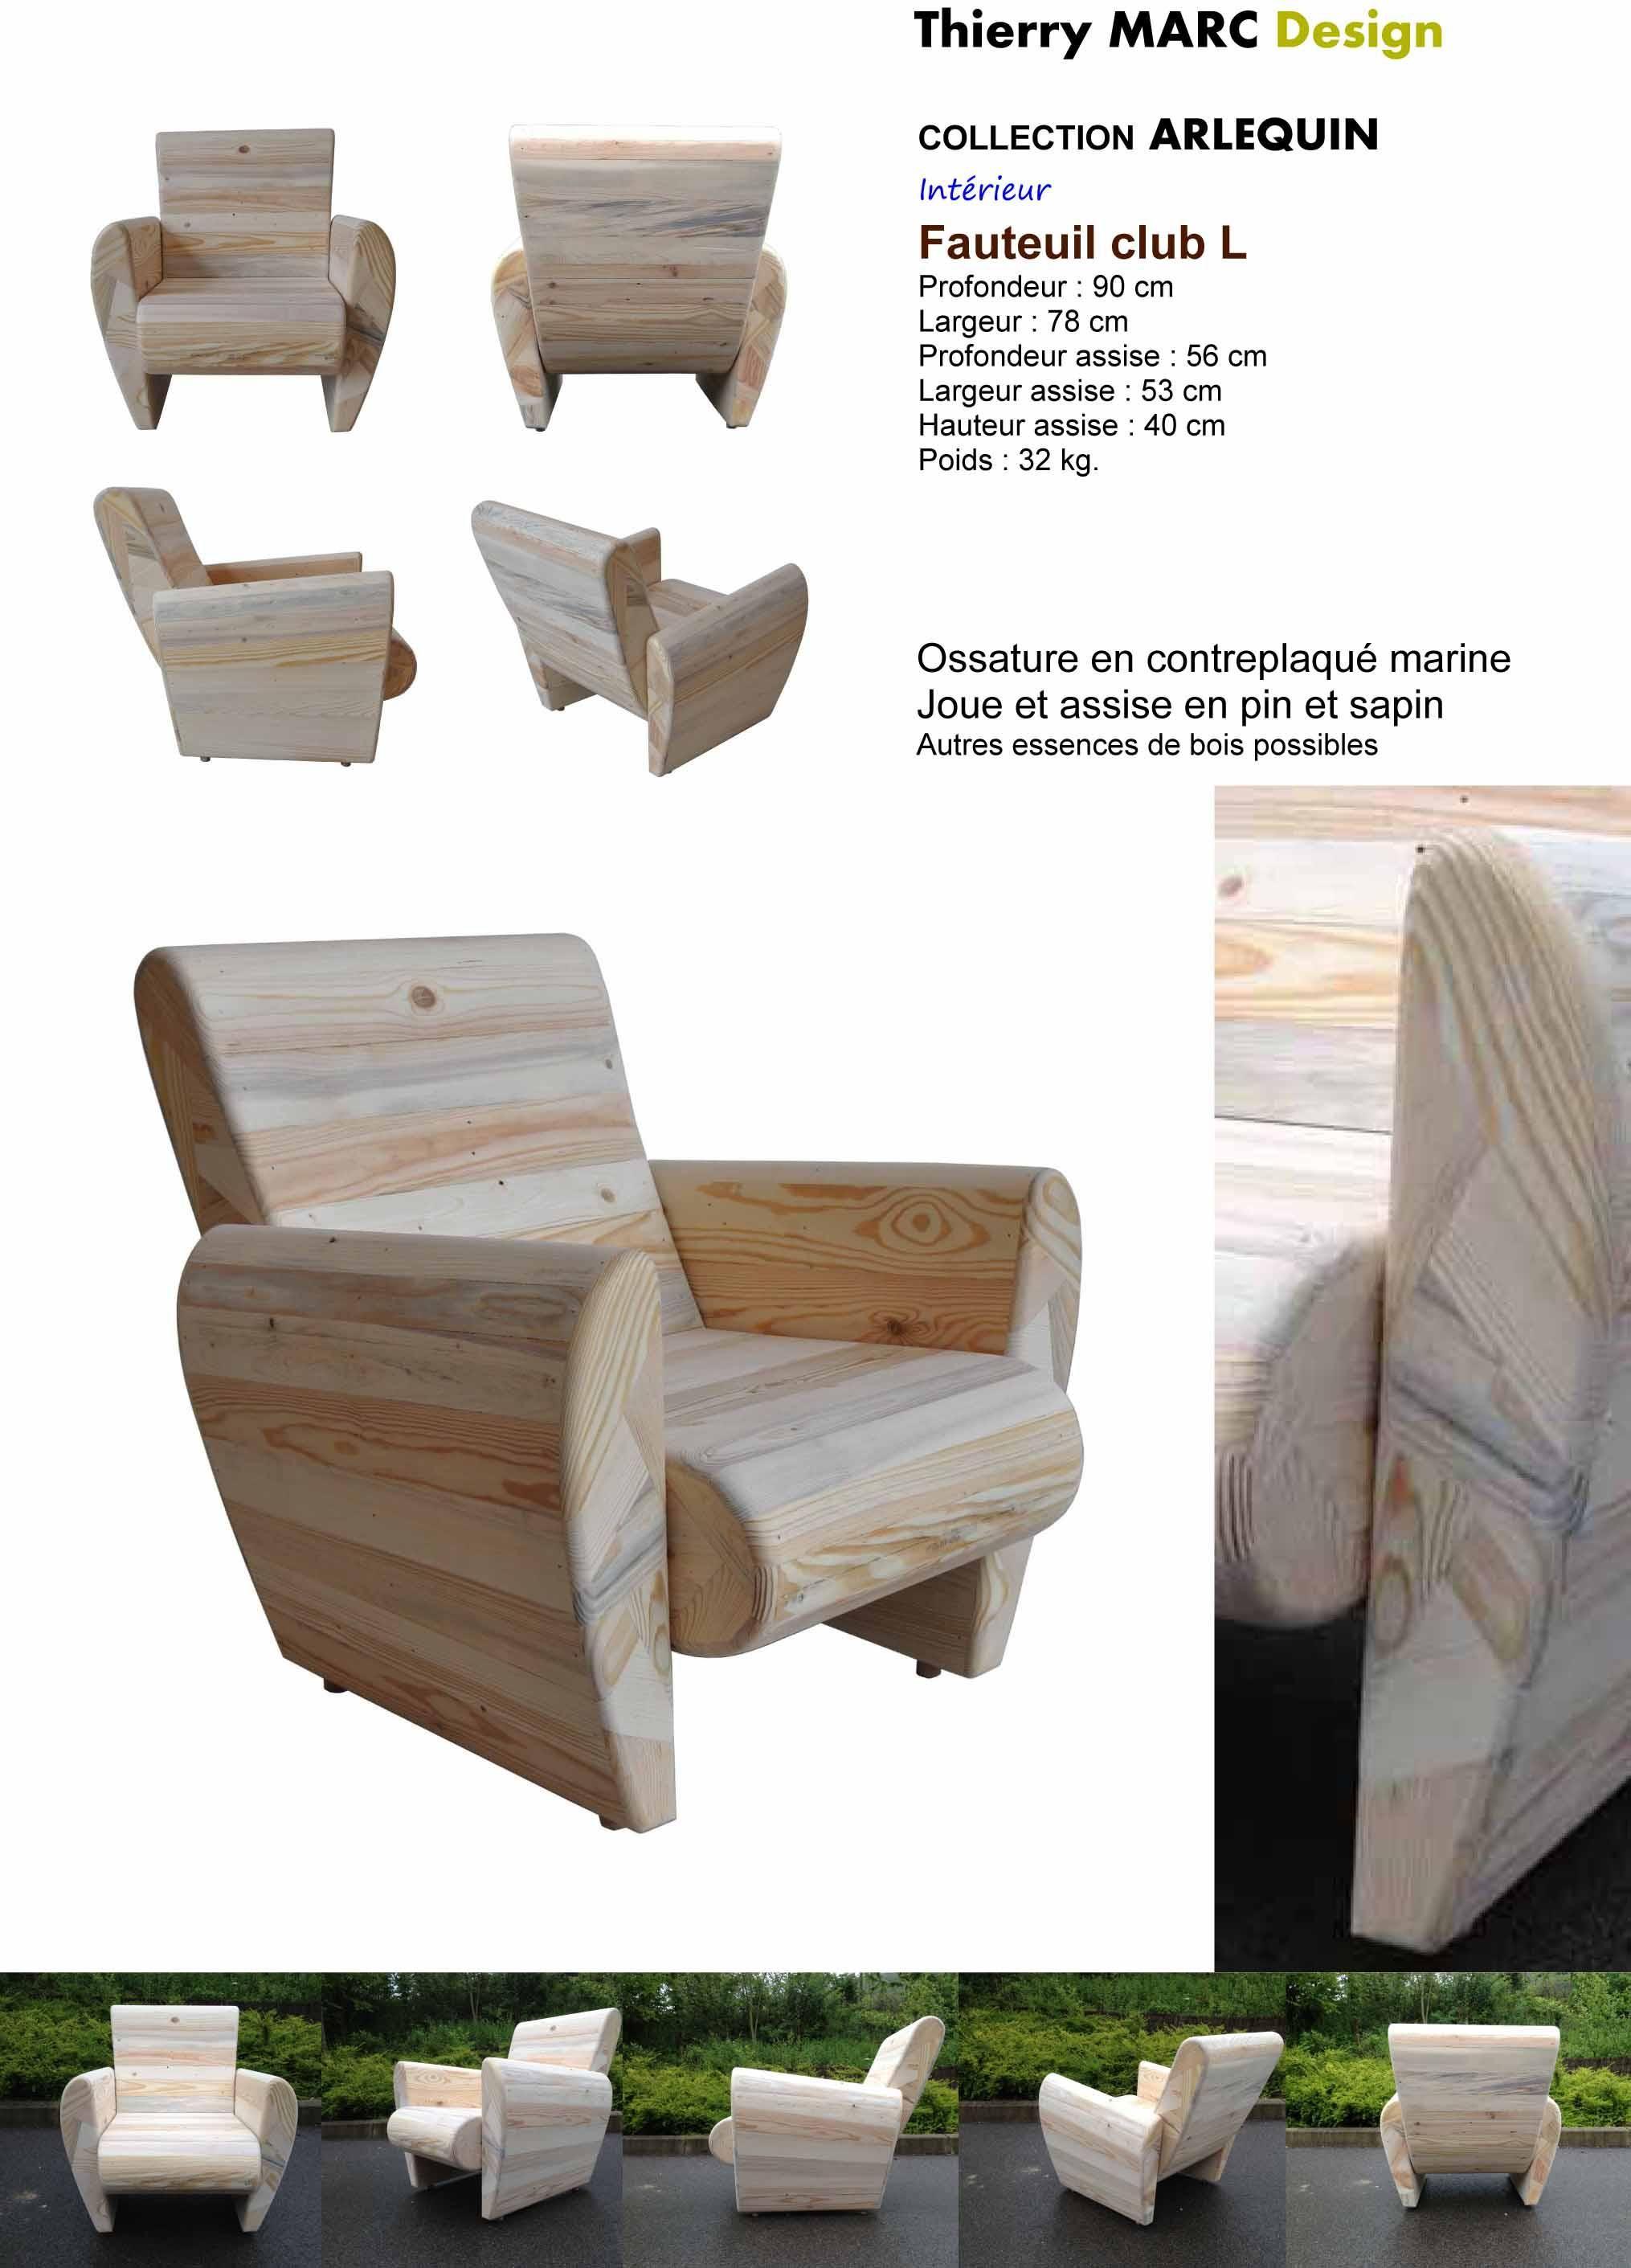 fauteuil club design vintage thierry marc bois recyclé ...